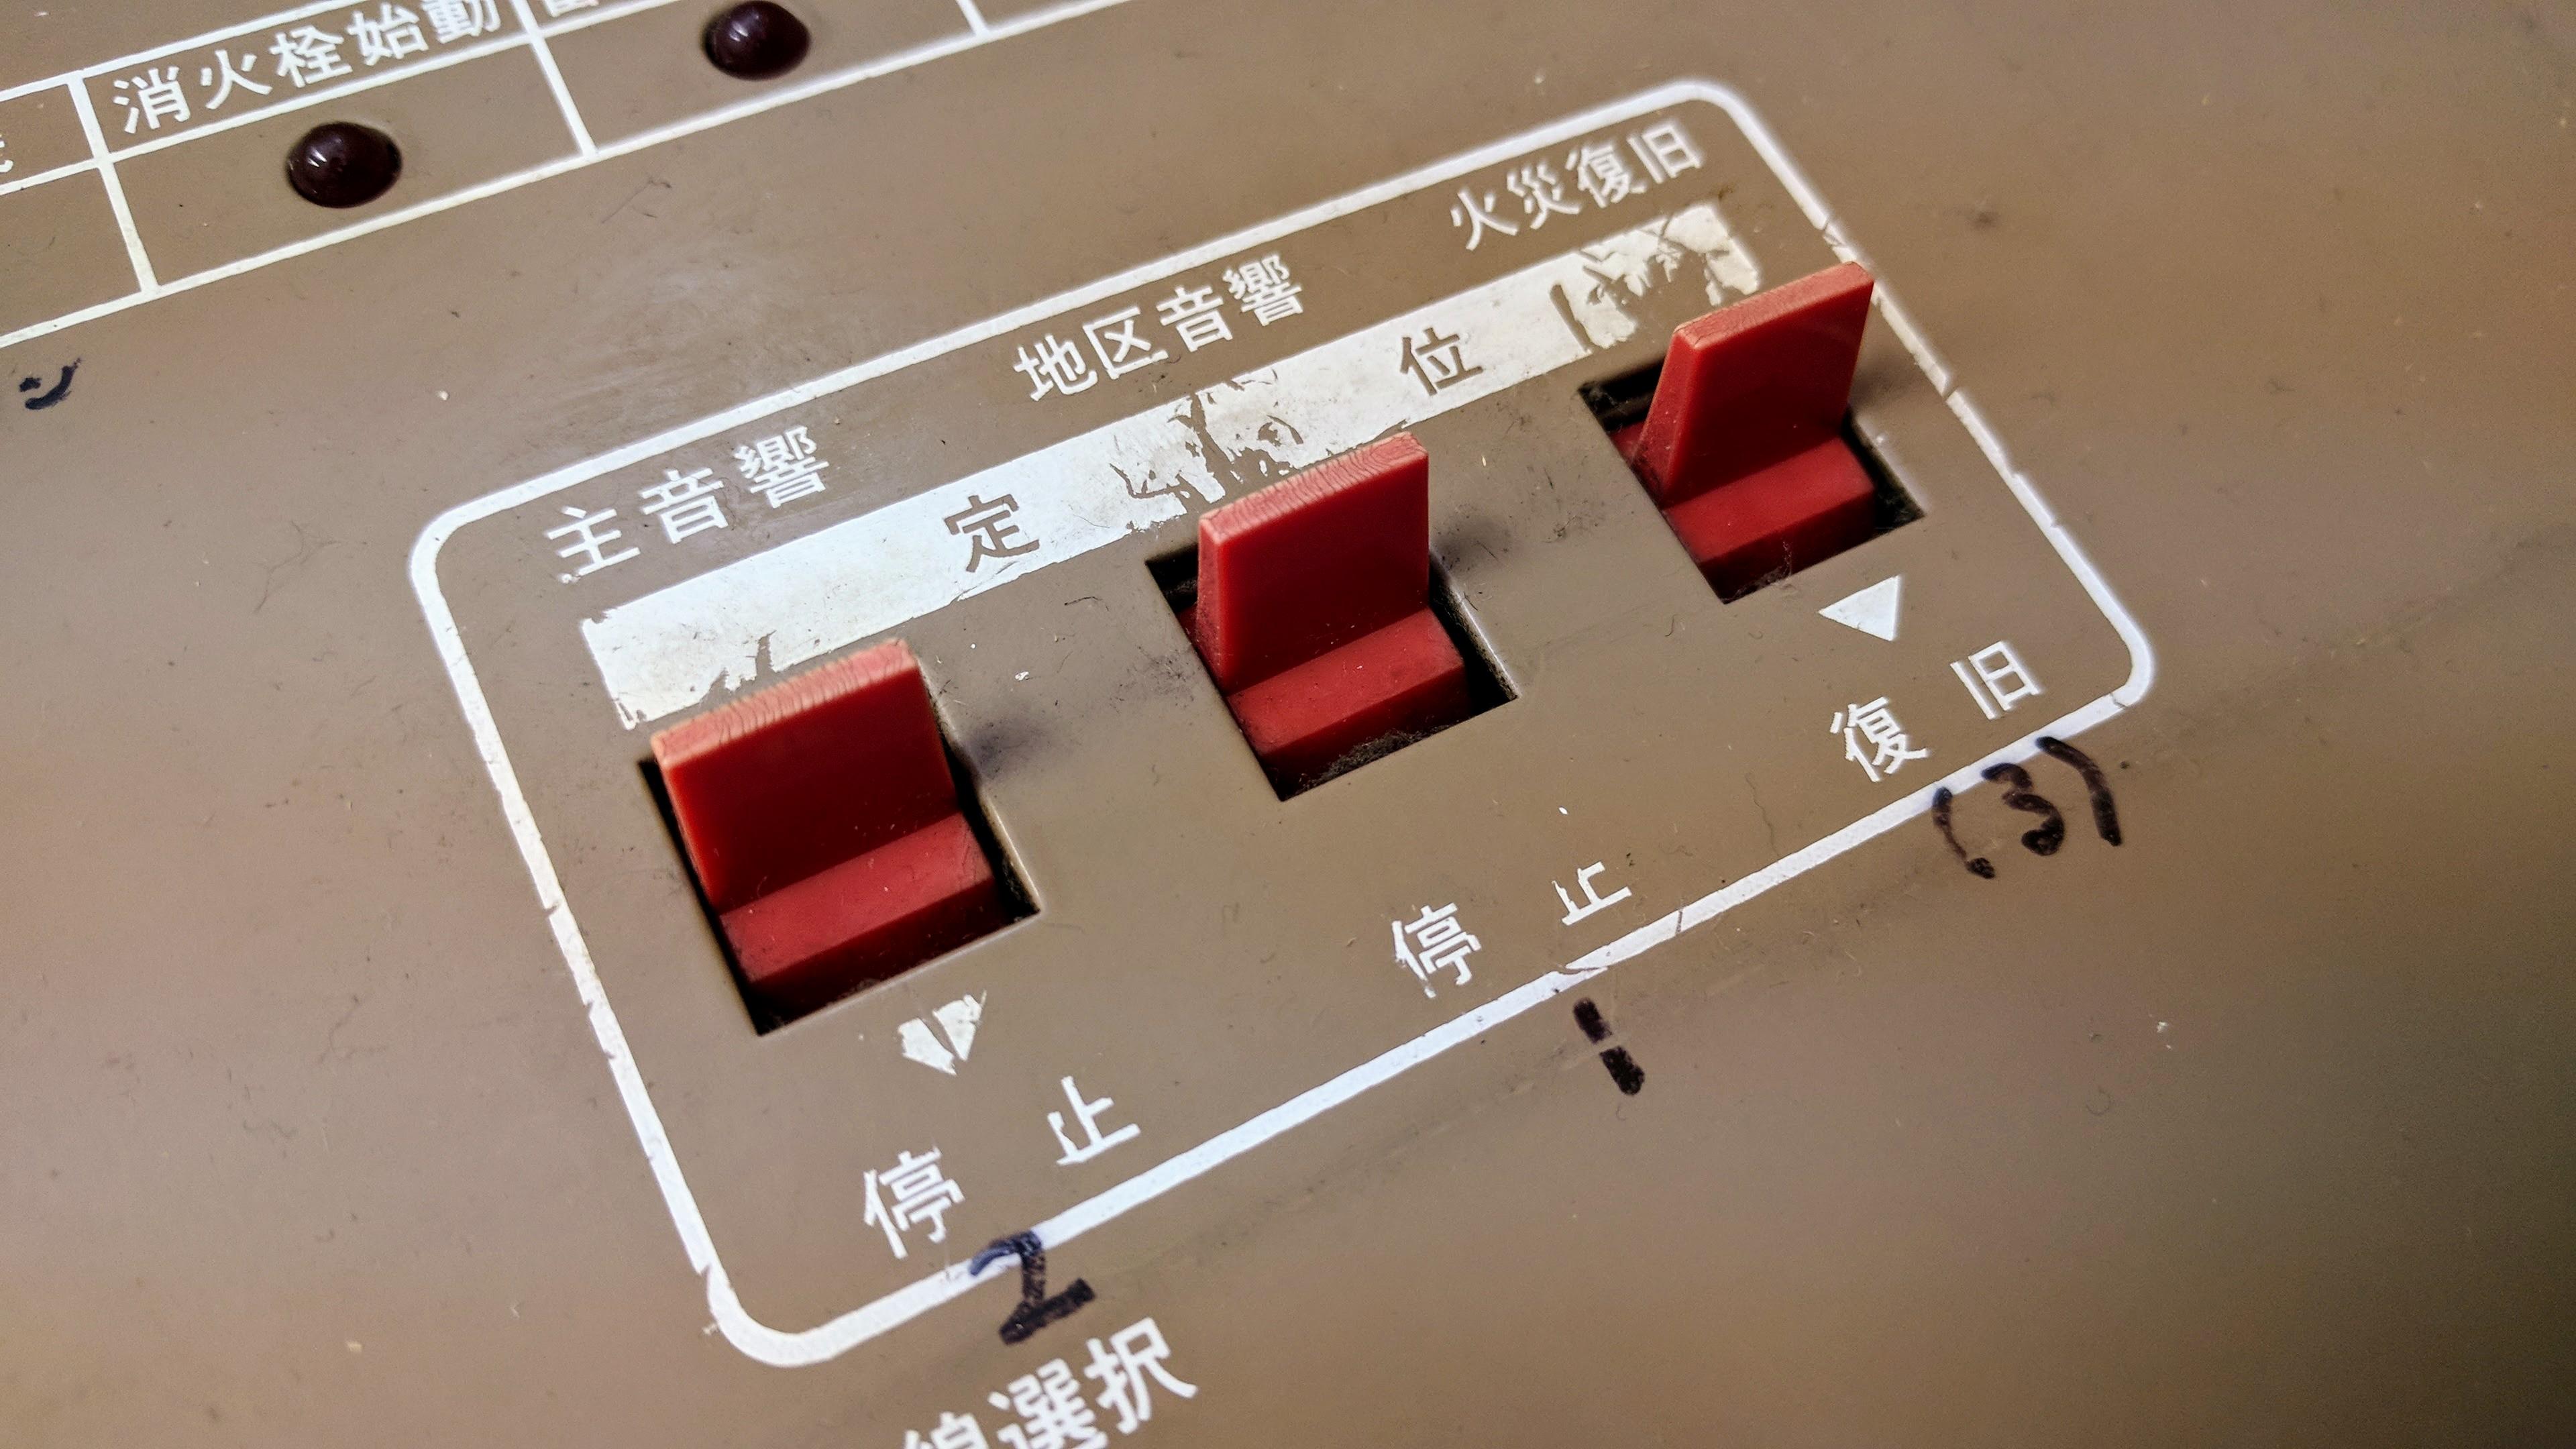 受信機の音響スイッチ